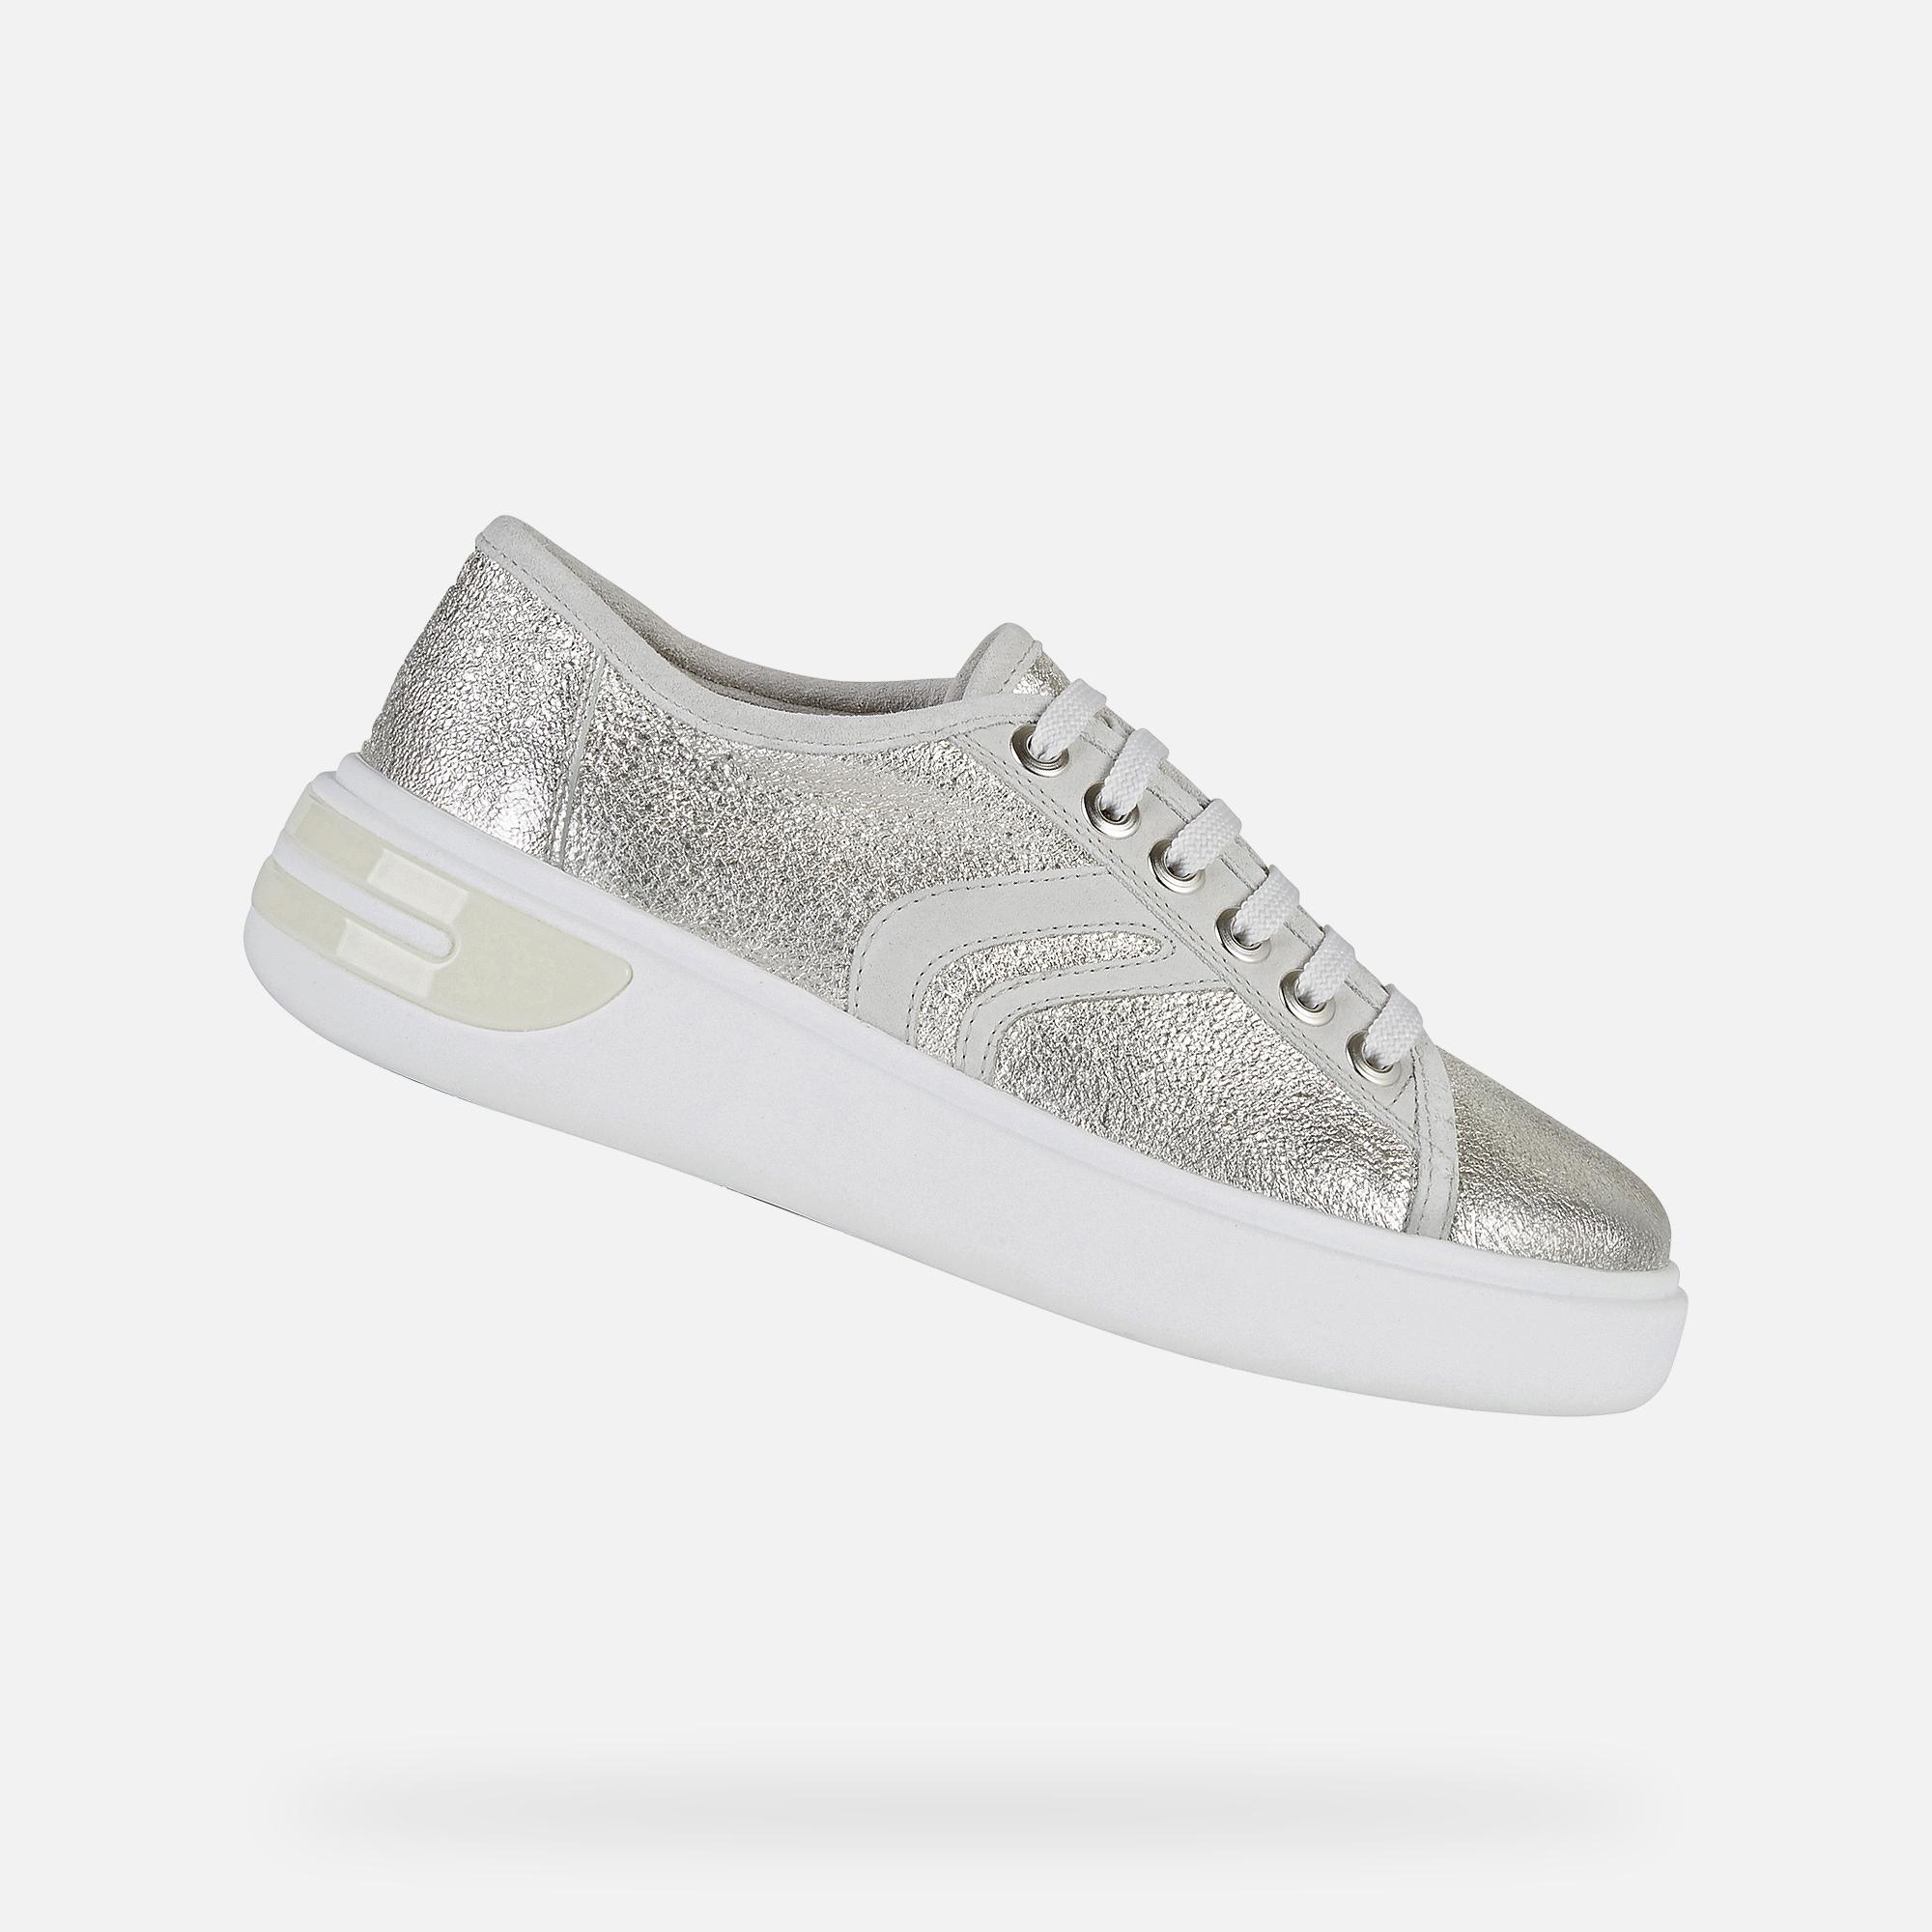 Geox OTTAYA Woman: Silver Sneakers